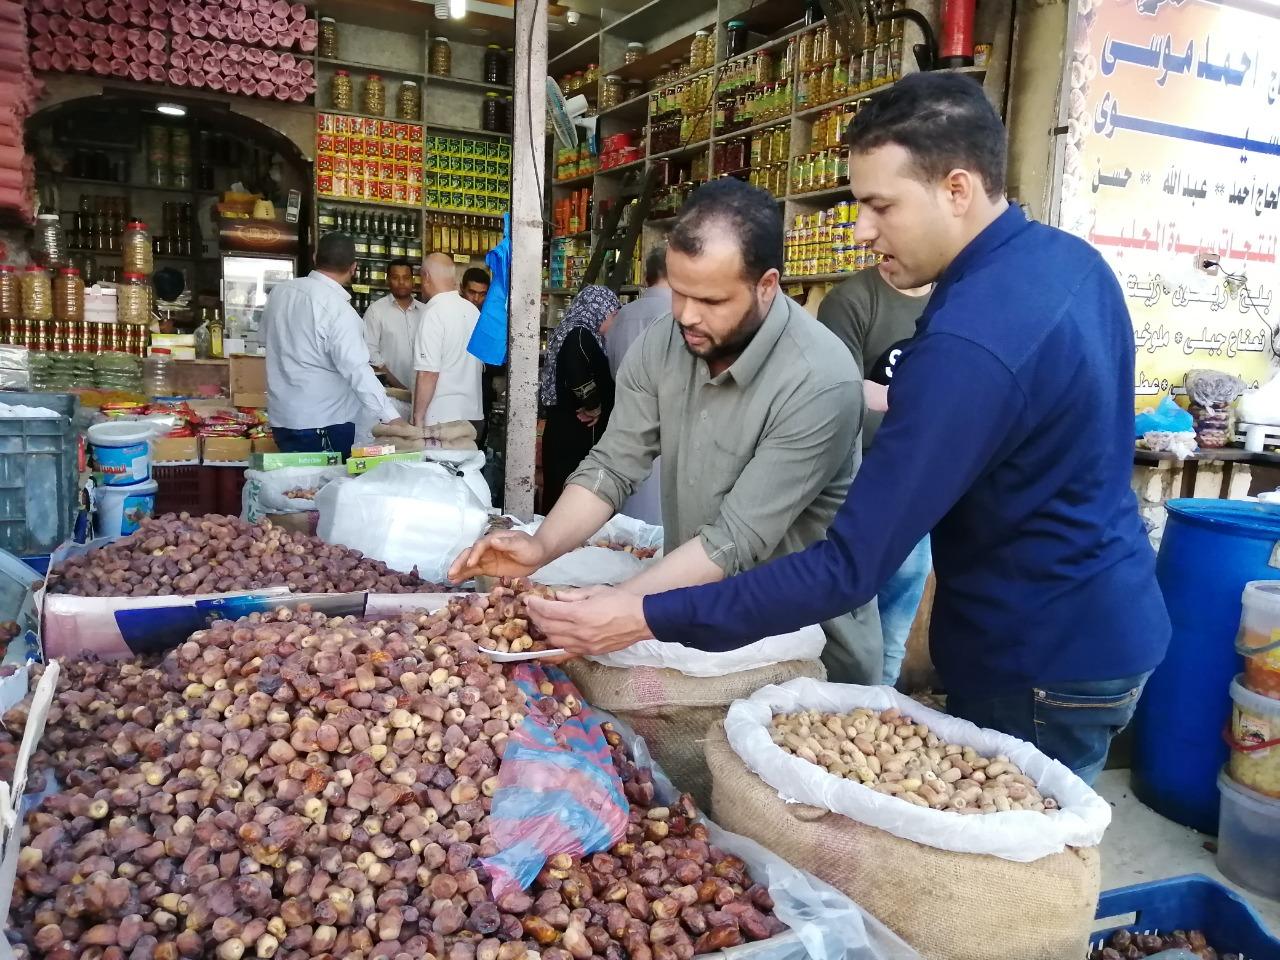 لح وزيتون مطروح يزين معظم الموائد المصرية خلال شهر رمضان (4)